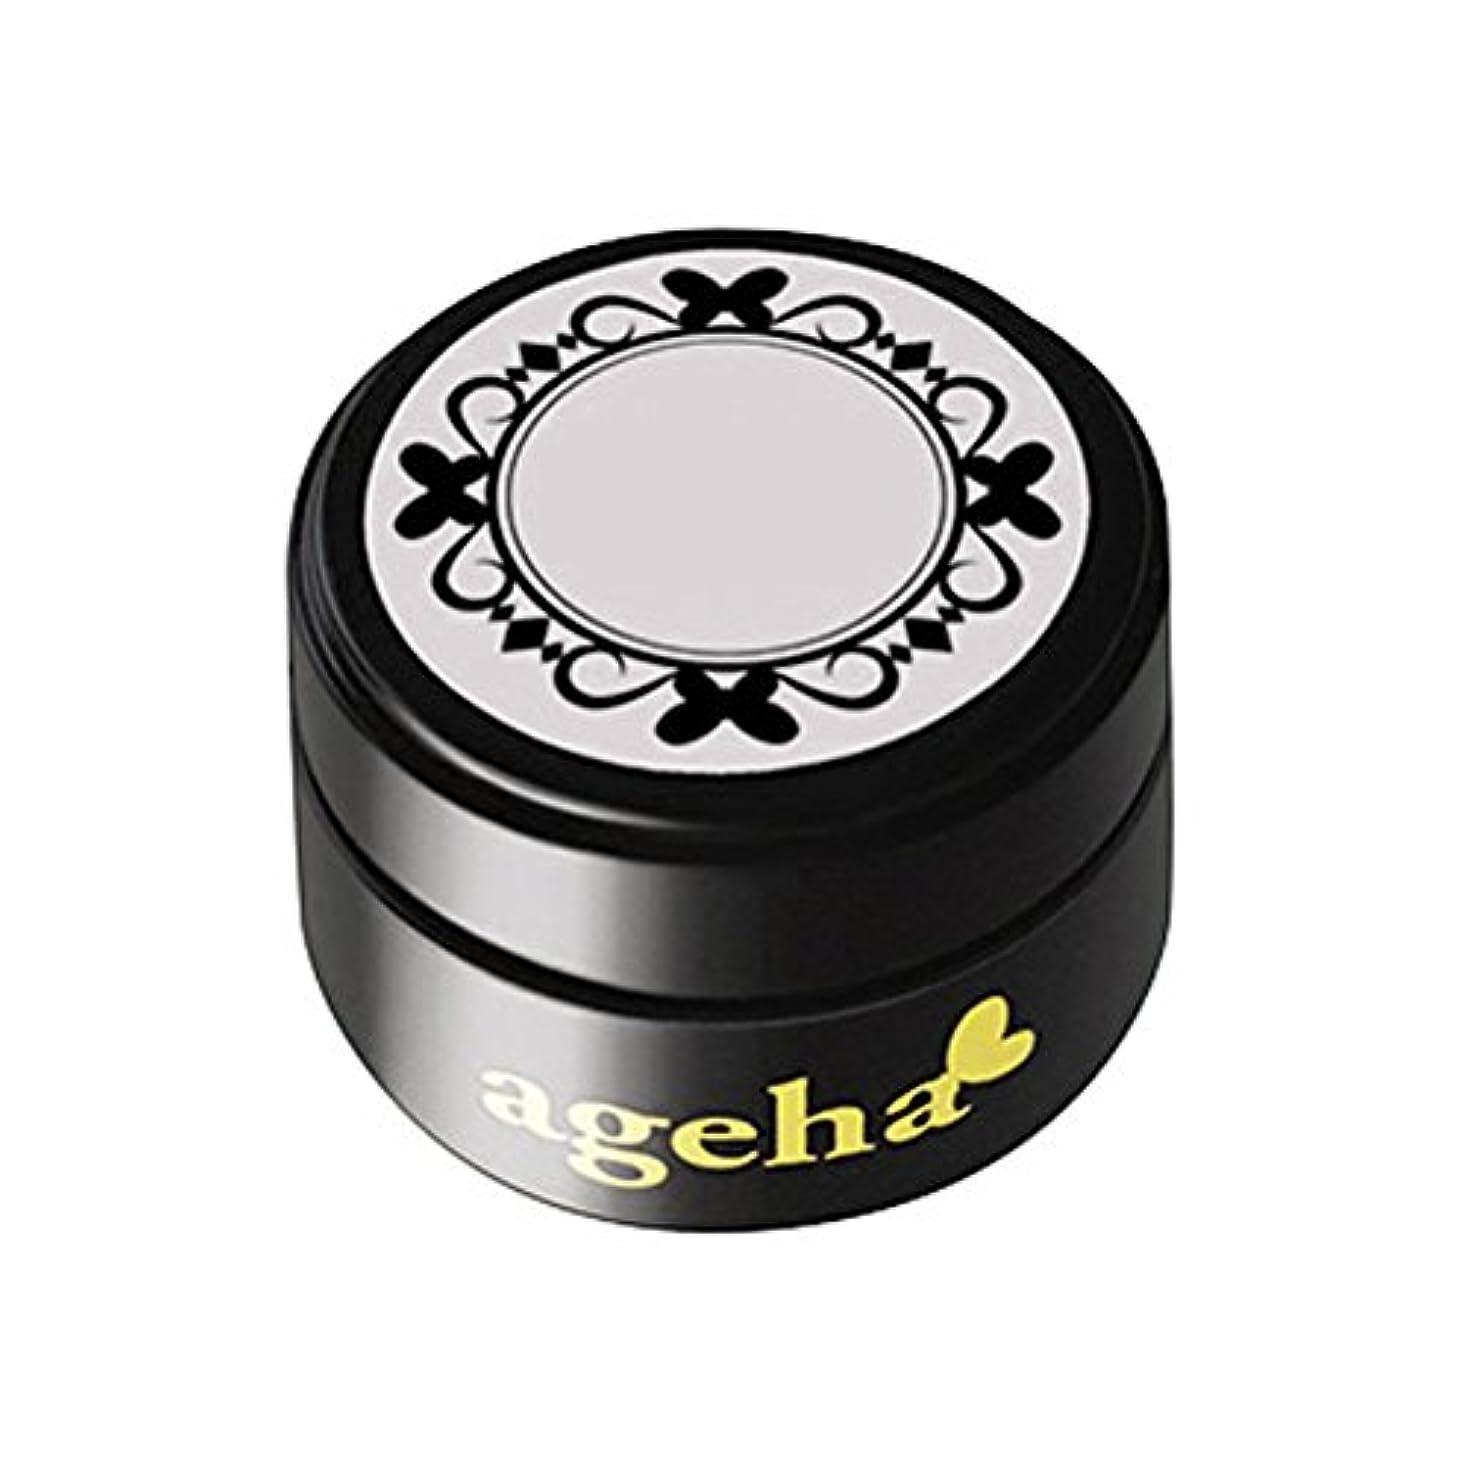 オープニング生き残りすすり泣きageha gel カラージェル コスメカラー 318 ロシアングレー 2.7g UV/LED対応